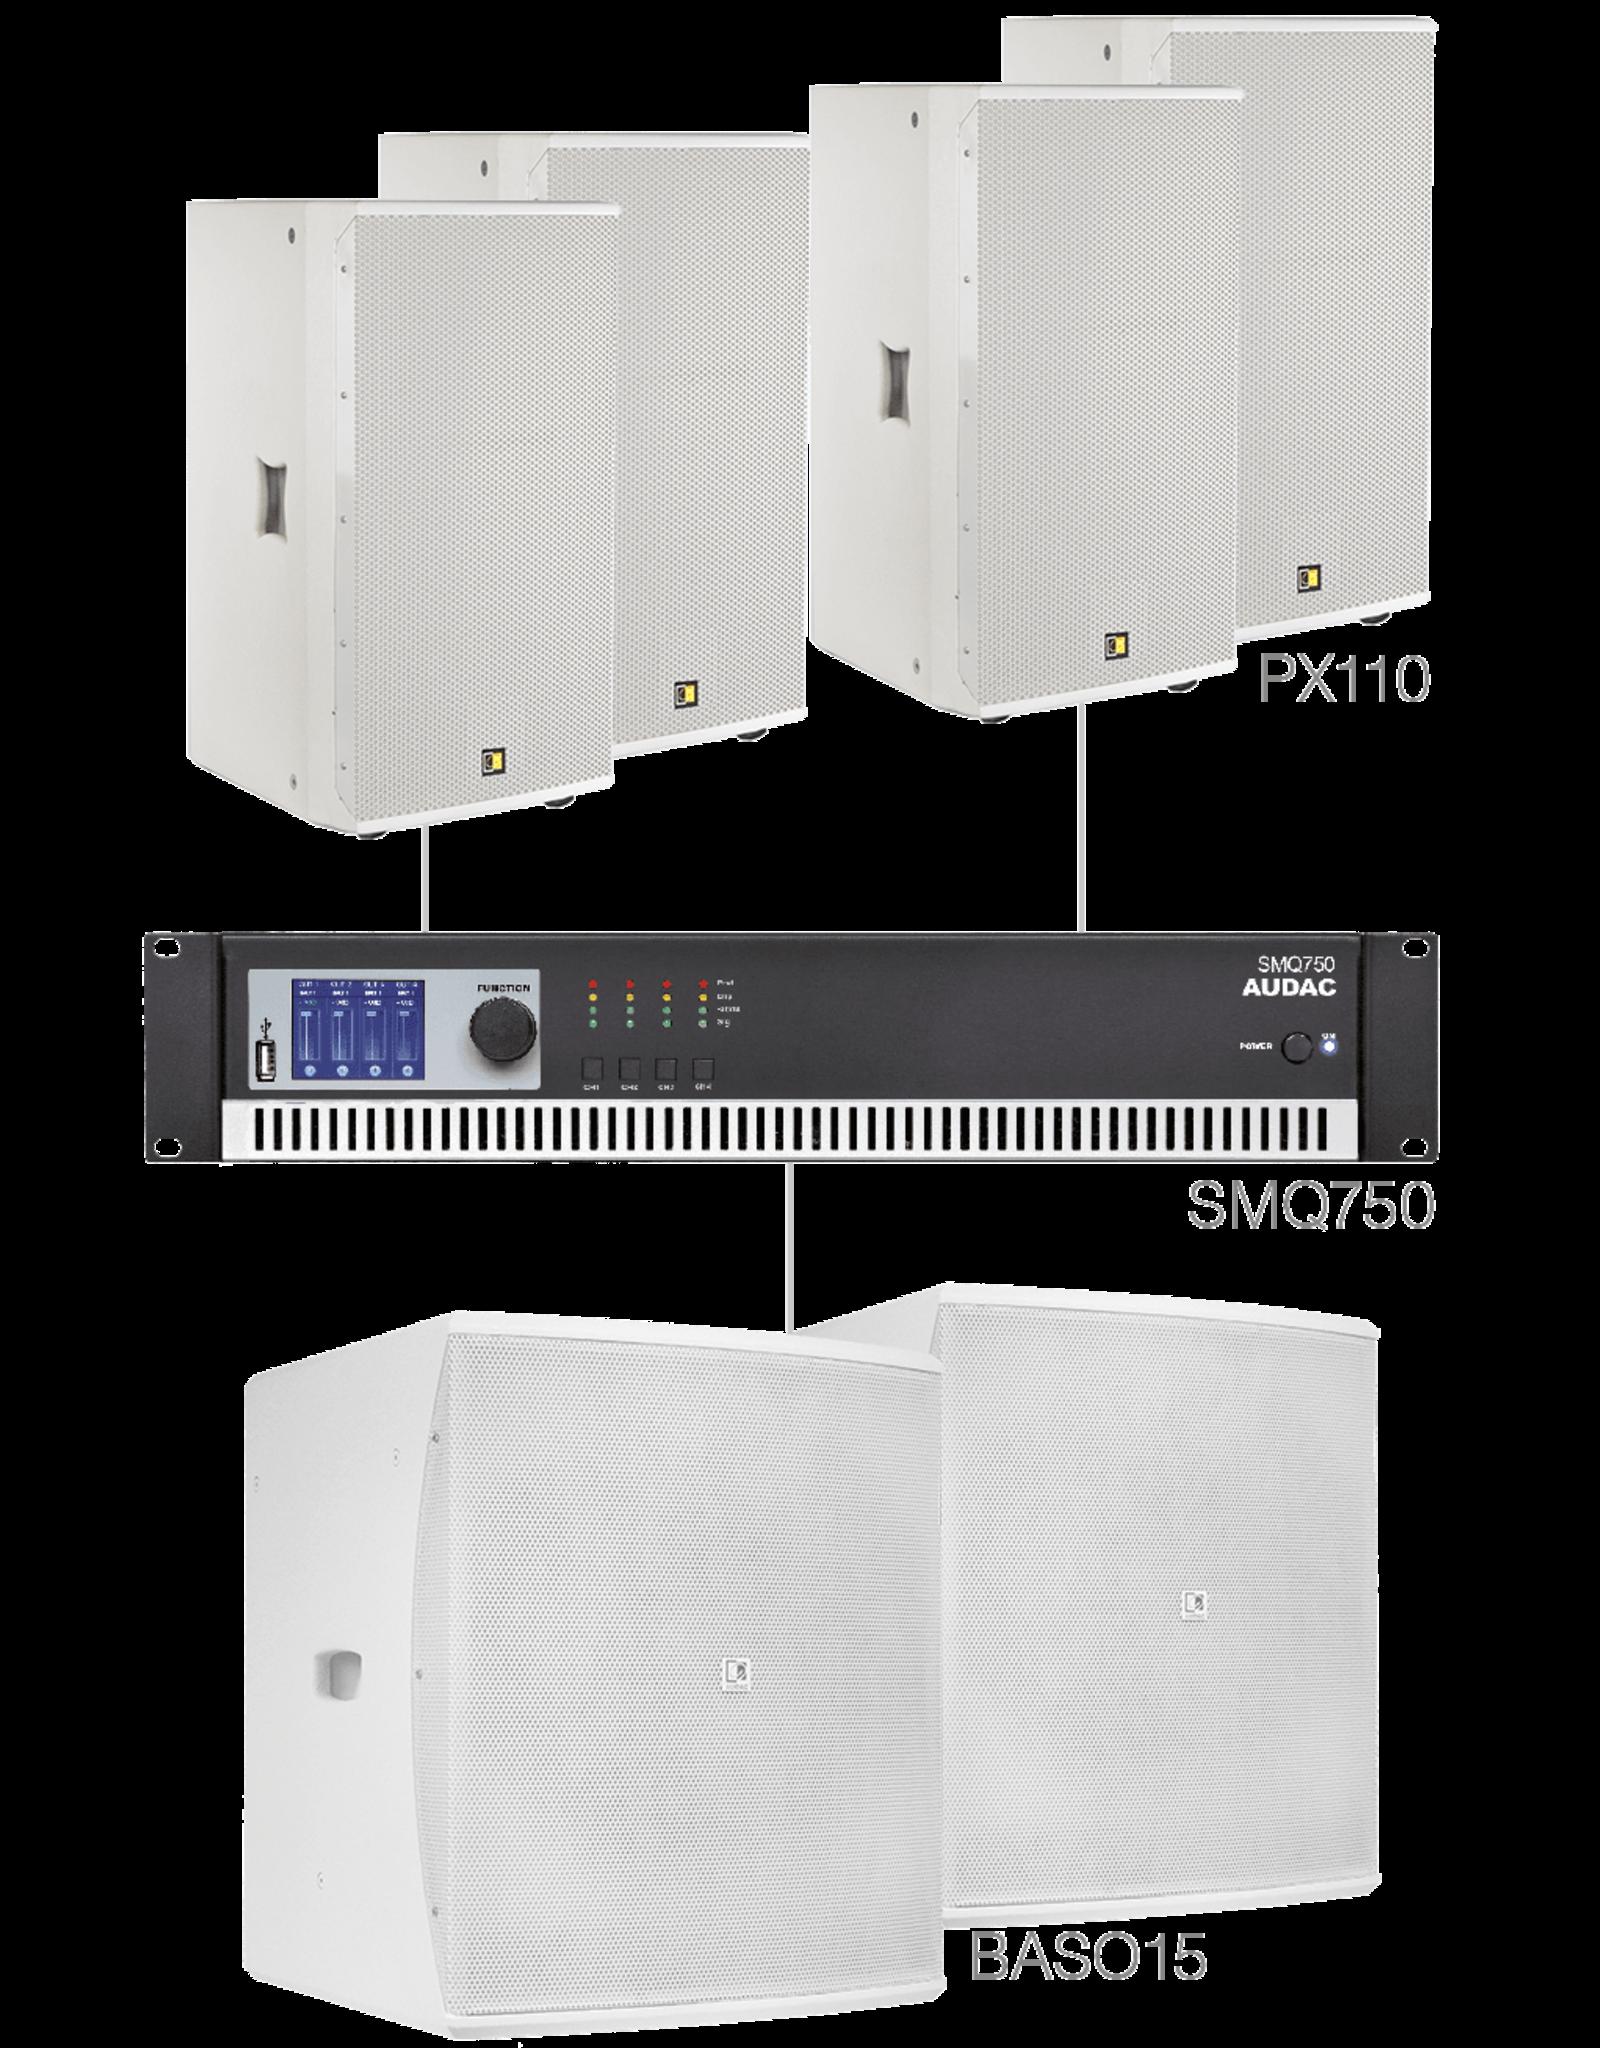 Audac 4 x PX110 + 2 x BASO15 + SMQ750 White version